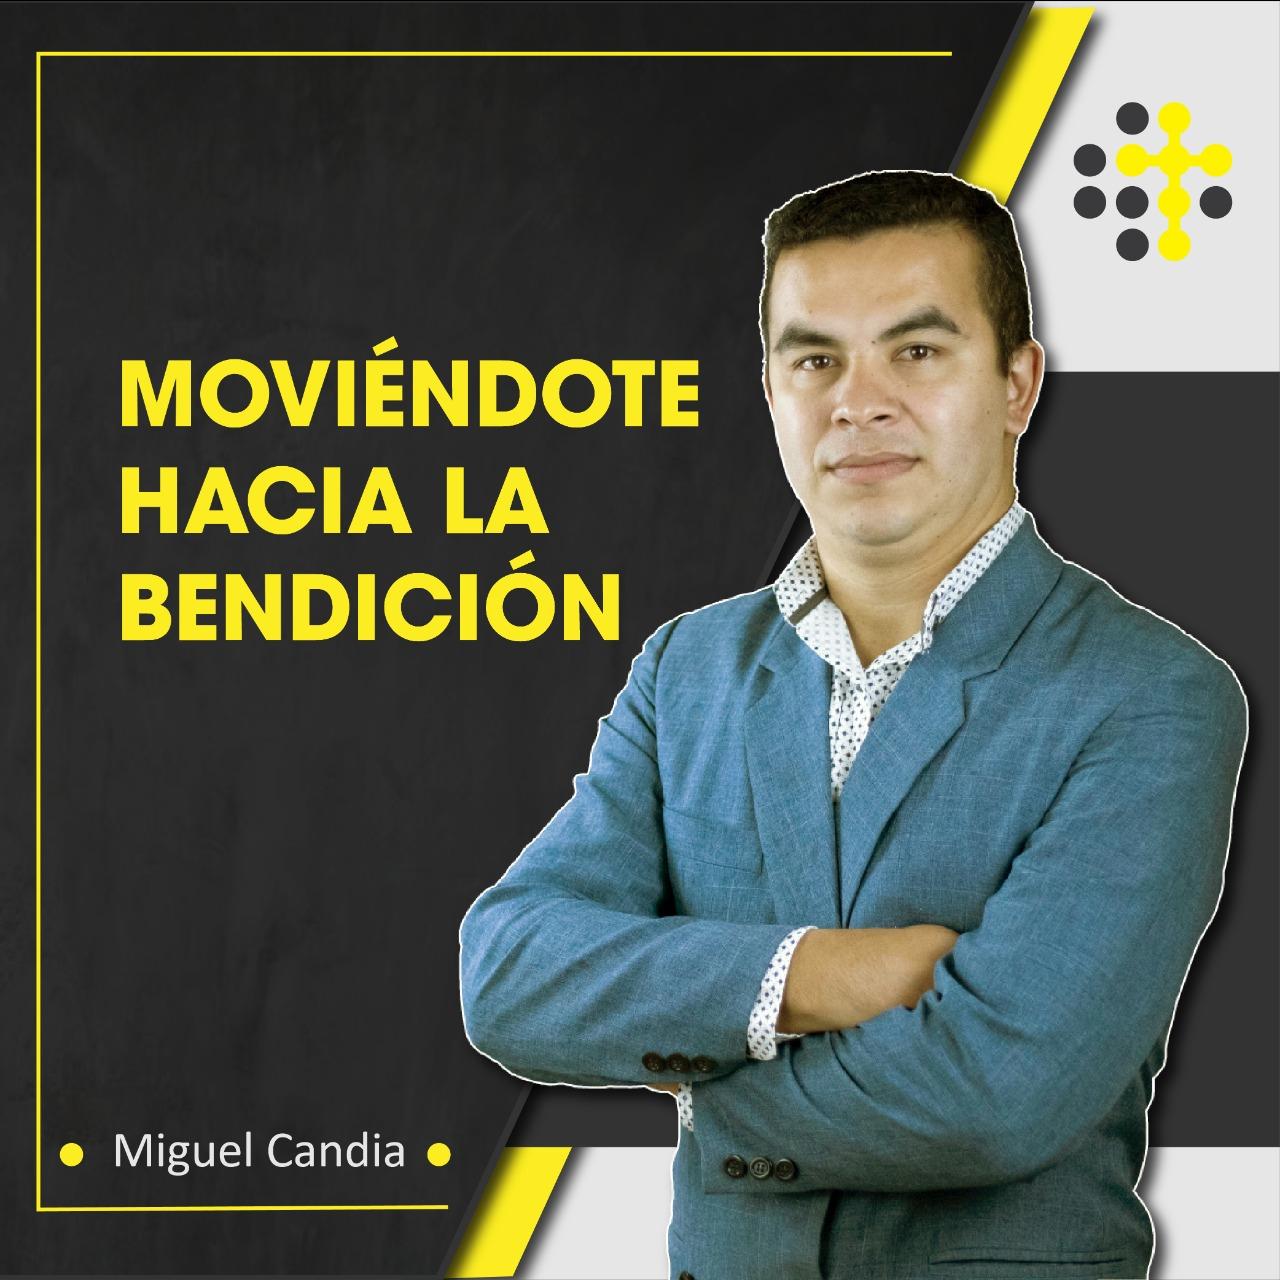 Moviéndote hacia la bendición - Orador: Miguel Candia